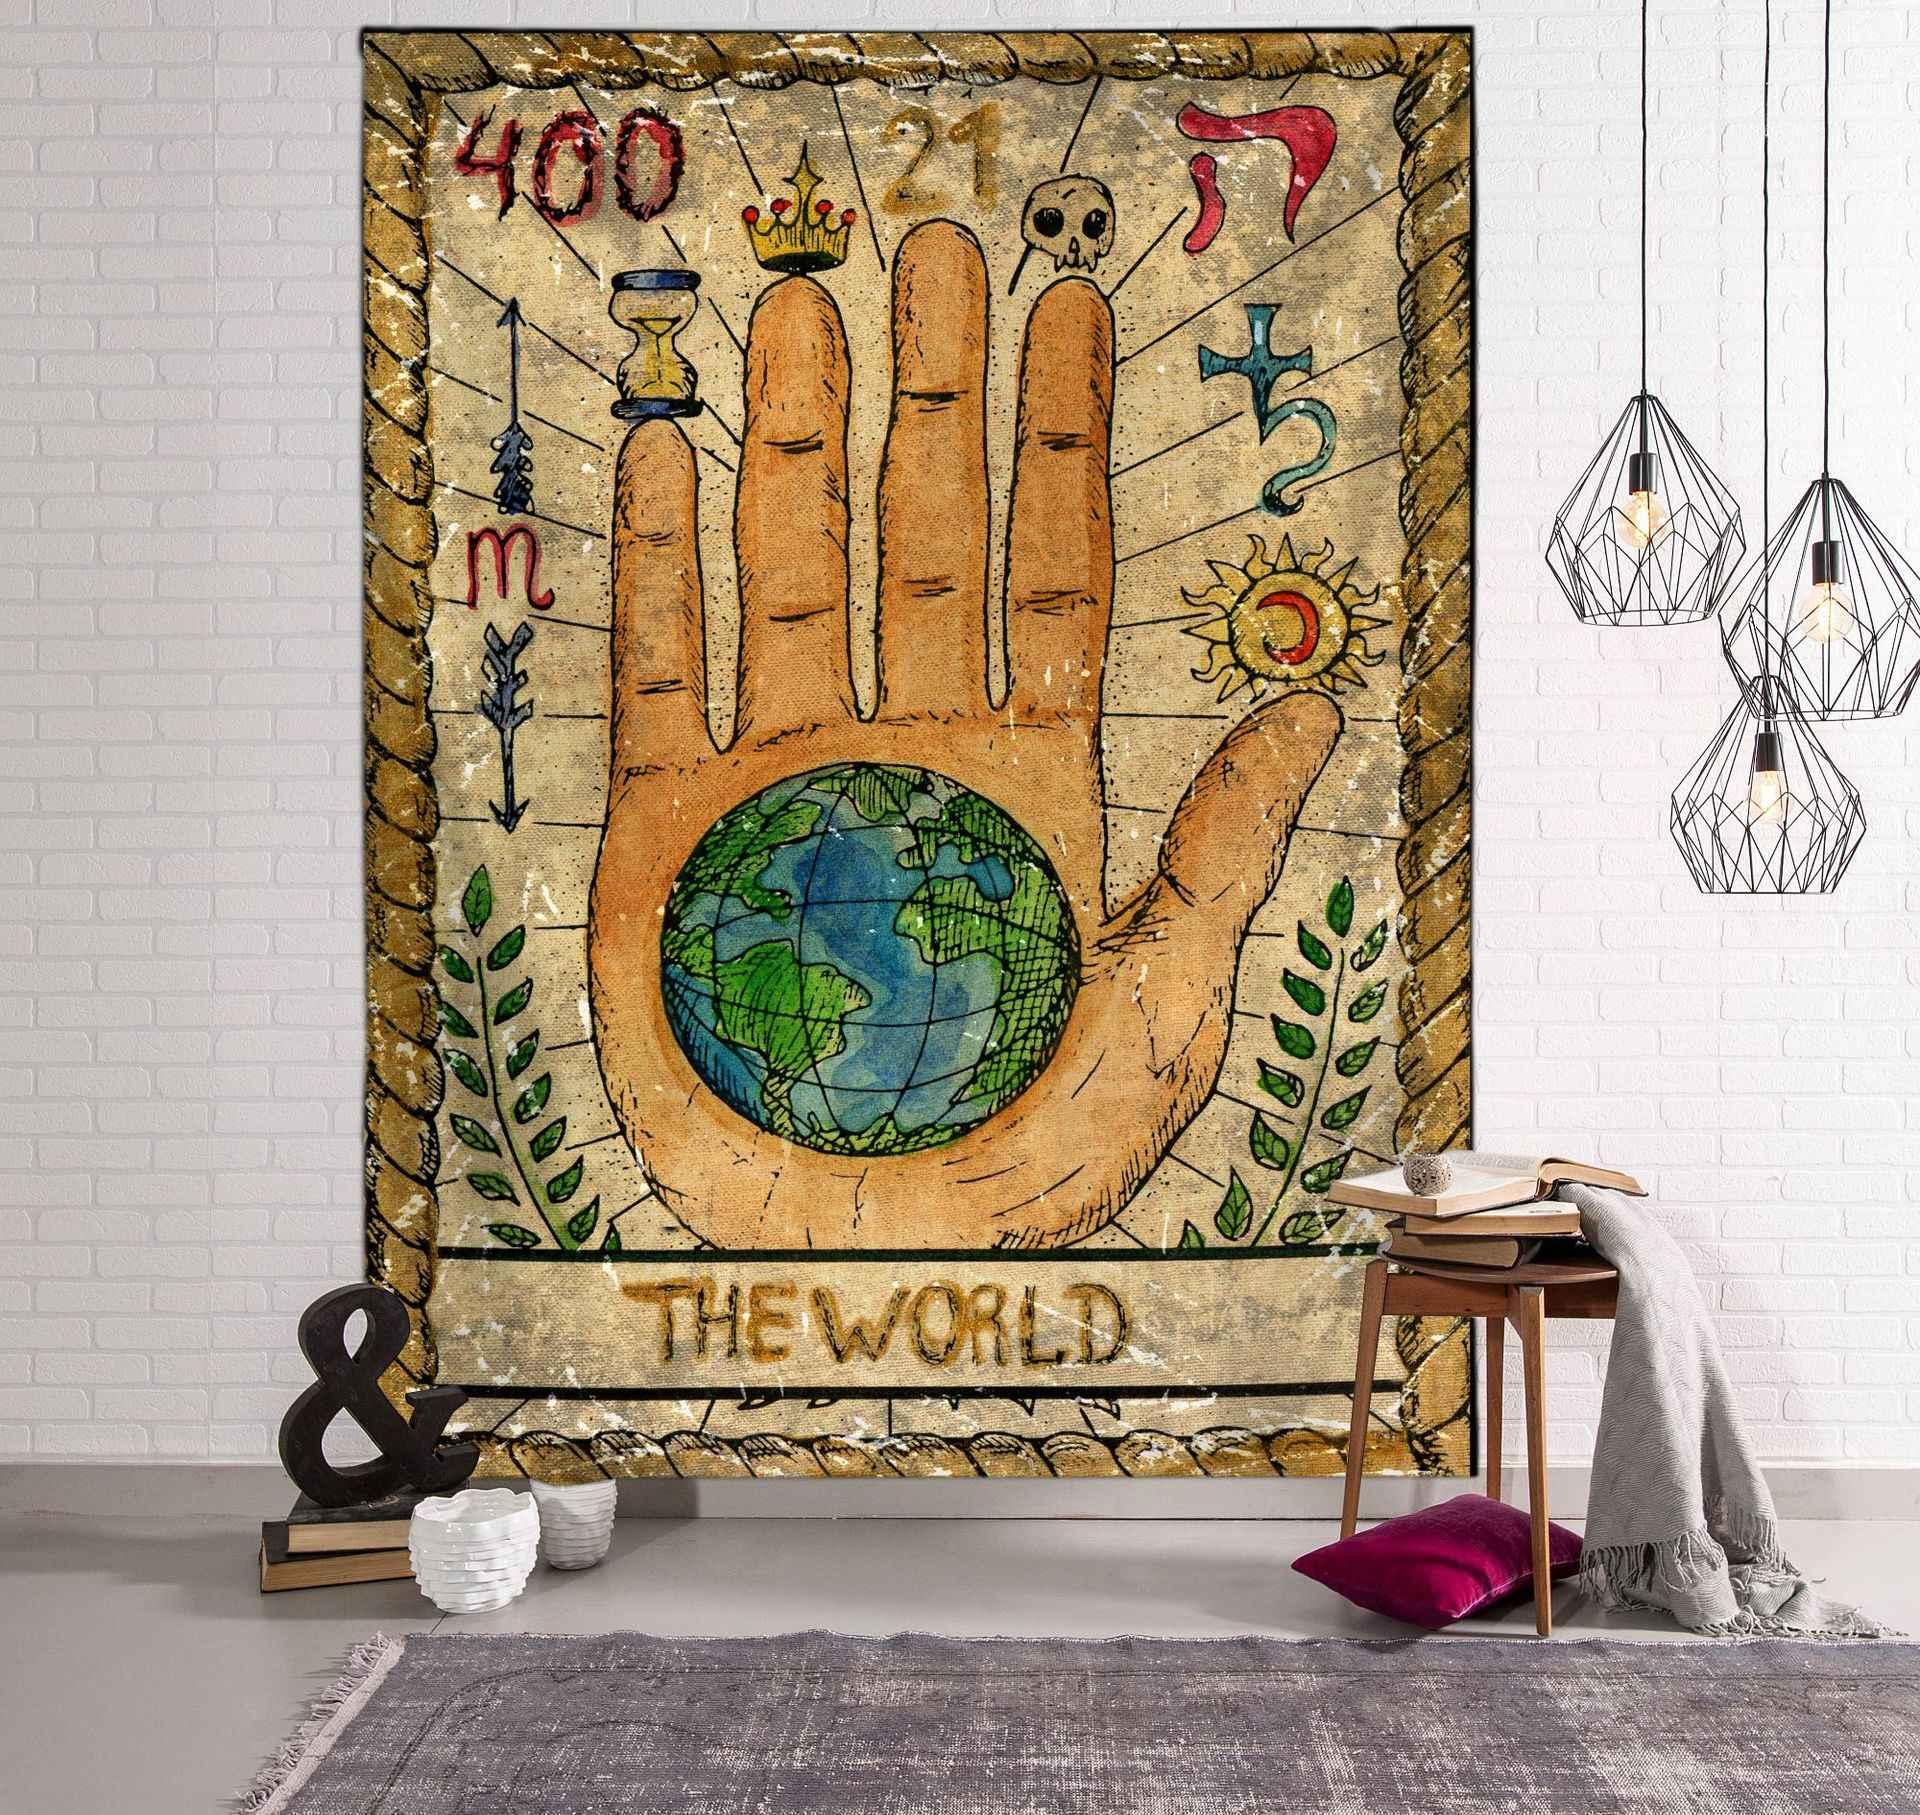 Tarot Mặt Trời Và Mặt Trăng Hoa Văn Chăn Tarot Ấn Độ Mạn Đà La Thảm Treo Tường Bohemia Giang Hồ Nhà Phòng Ngủ Trang Trí Ném